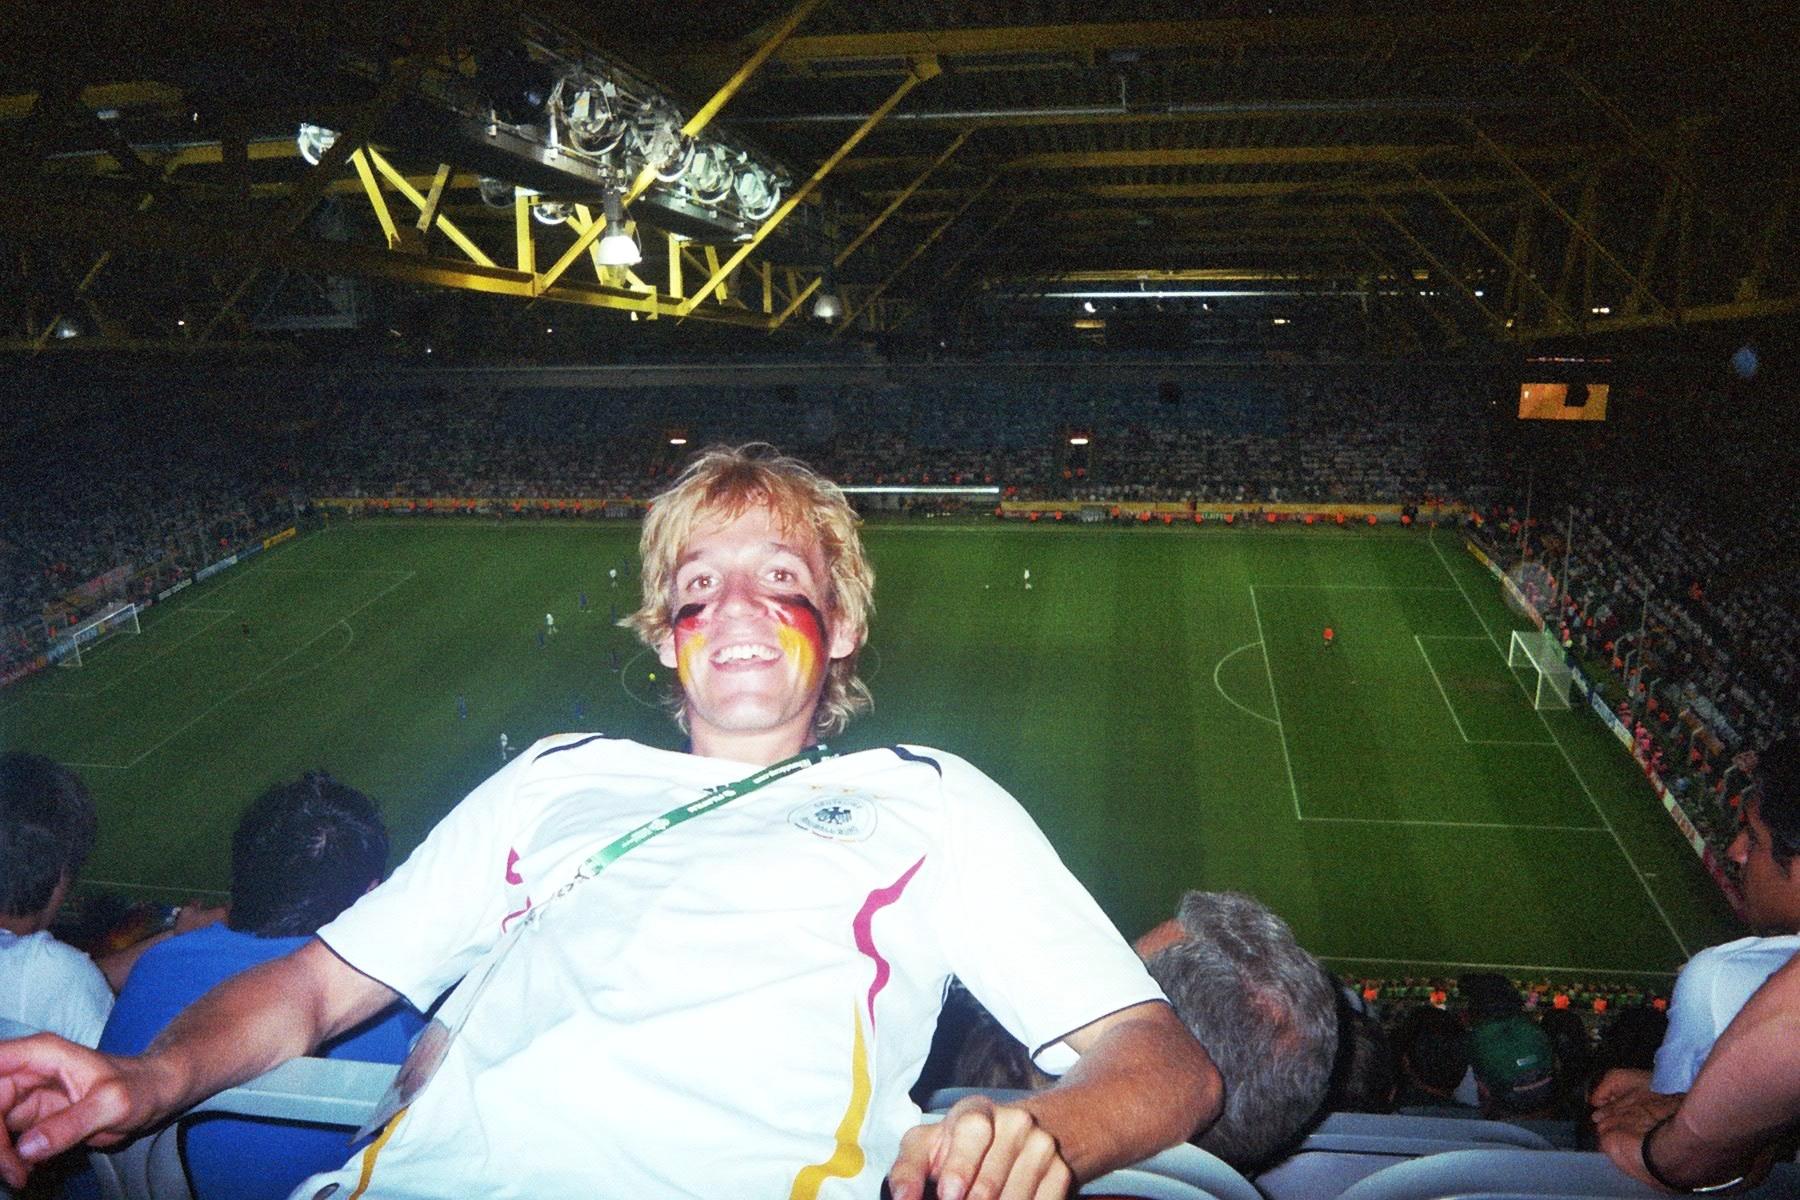 Privat Dortmund, WM-Stadion, 04.07.2006 WM-Halbfinale: Deutschland - Italien (Ergebnis vergessen...)